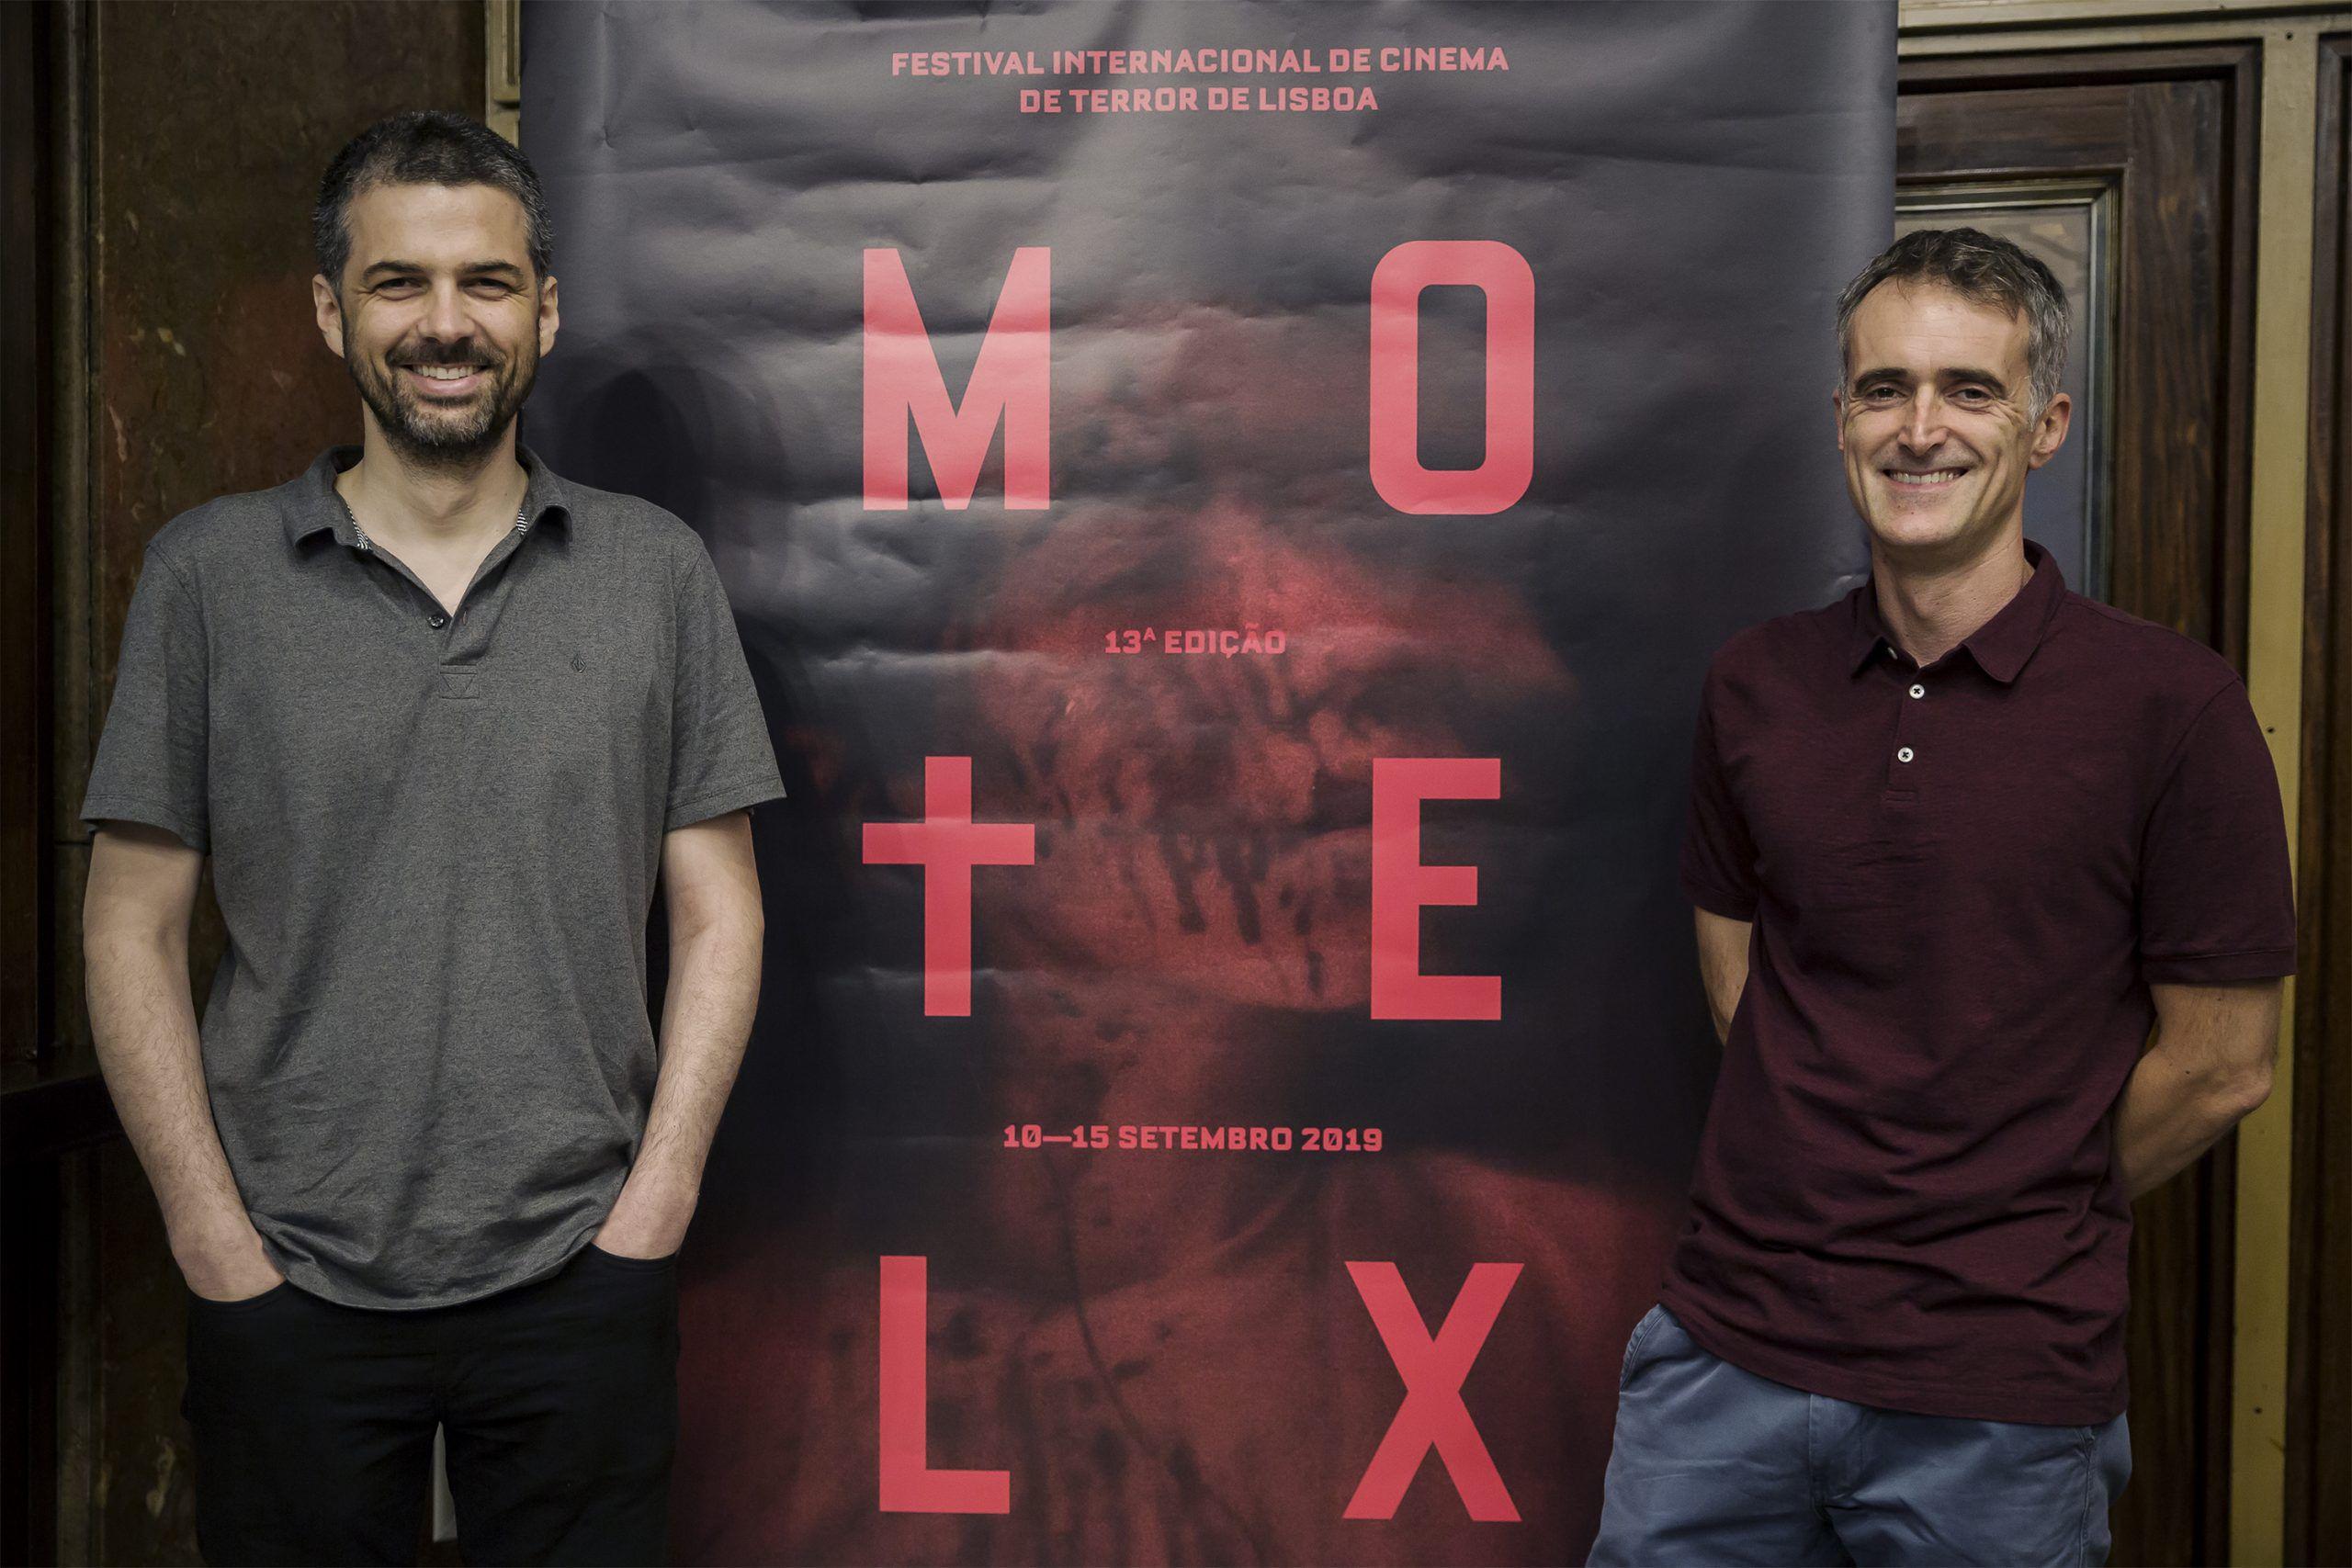 """Entrevista aos directores do Motelx: """"Os festivais de cinema, mesmo que sejam de nicho, não se podem divorciar das coisas que se passam"""""""